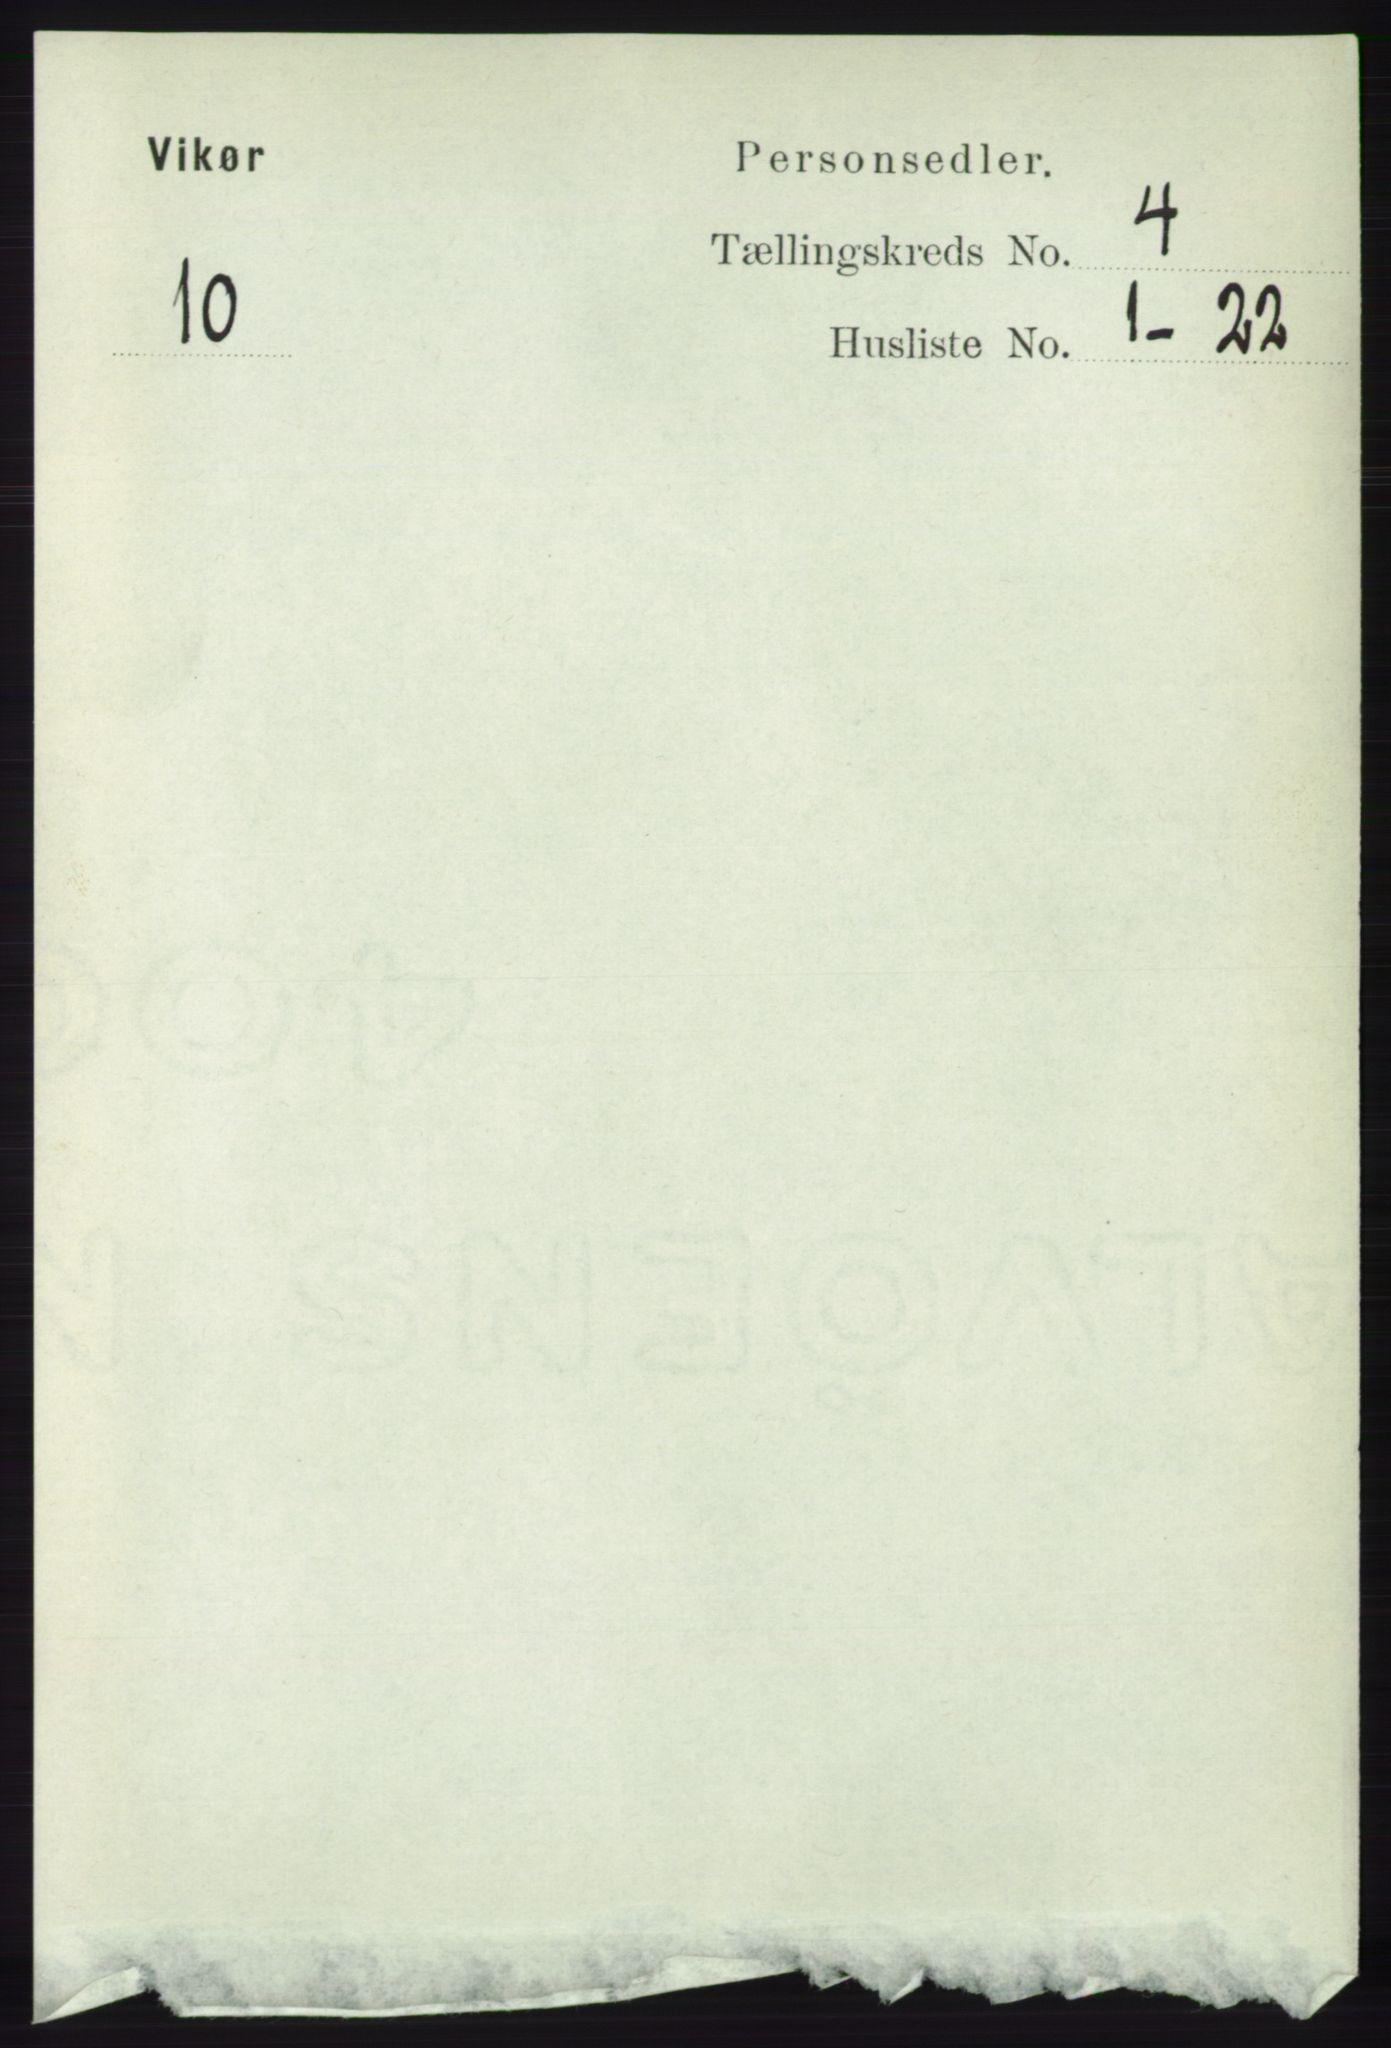 RA, Folketelling 1891 for 1238 Vikør herred, 1891, s. 1084